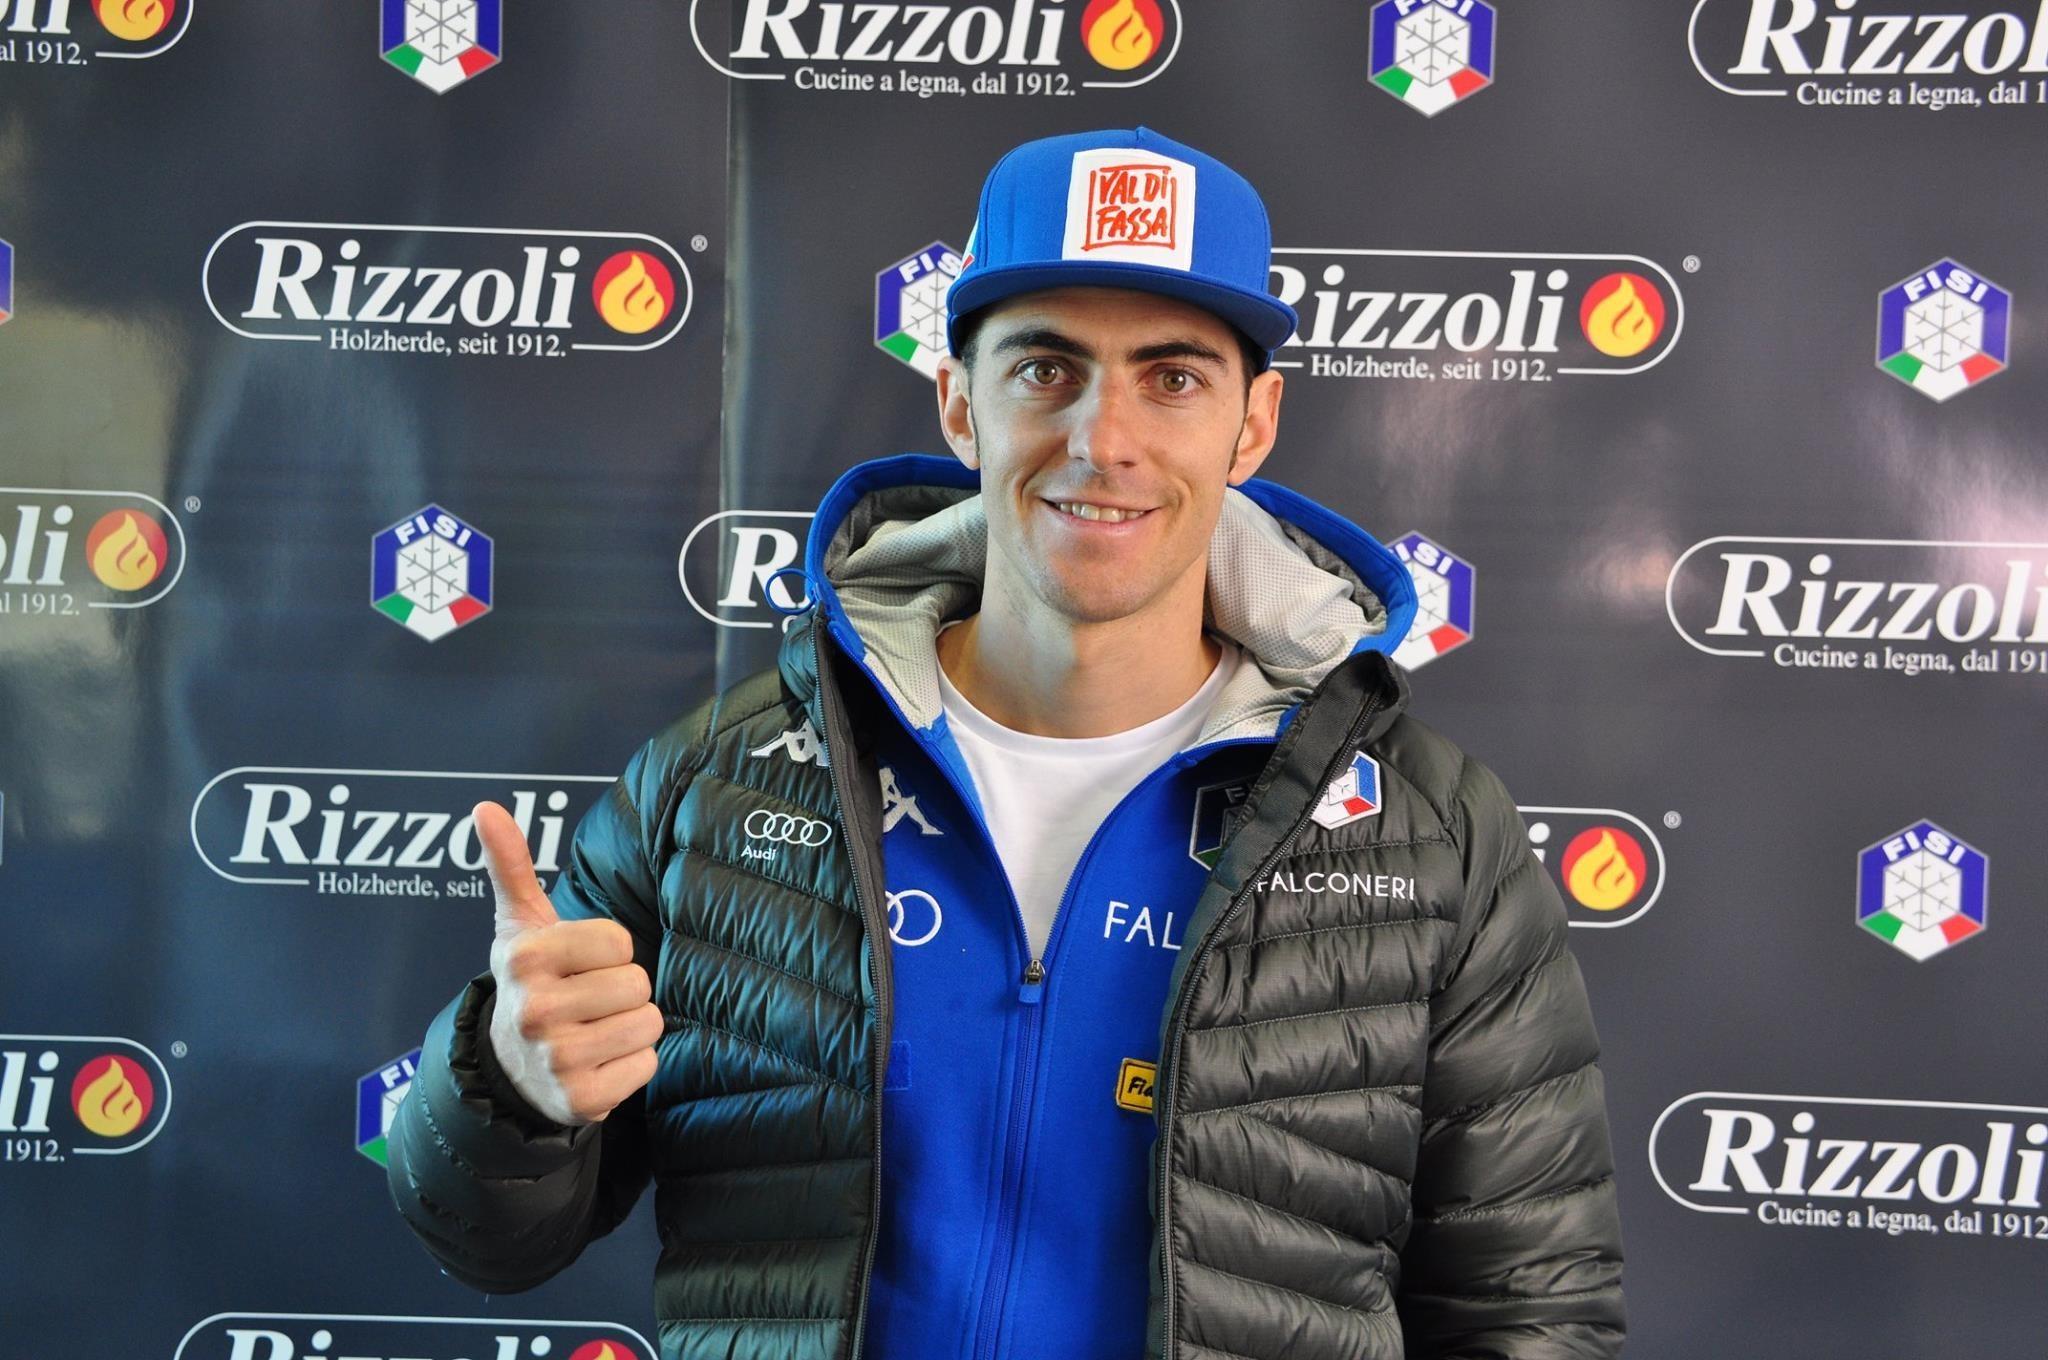 Rizzoli Cucine Personalizzate : Stefano gross & rizzoli news & events rizzoli holzherde